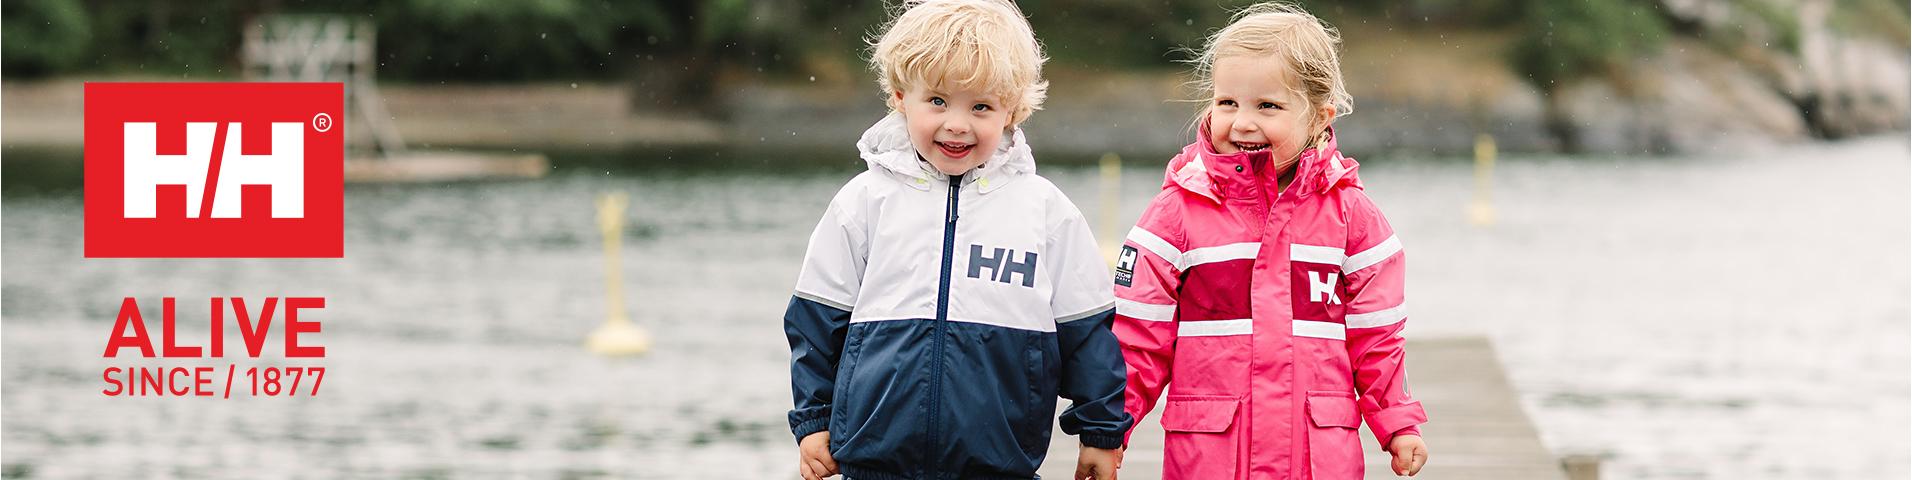 daef91ef Helly Hansen Børnetøj | Børn | Køb de nyeste kollektioner af ...